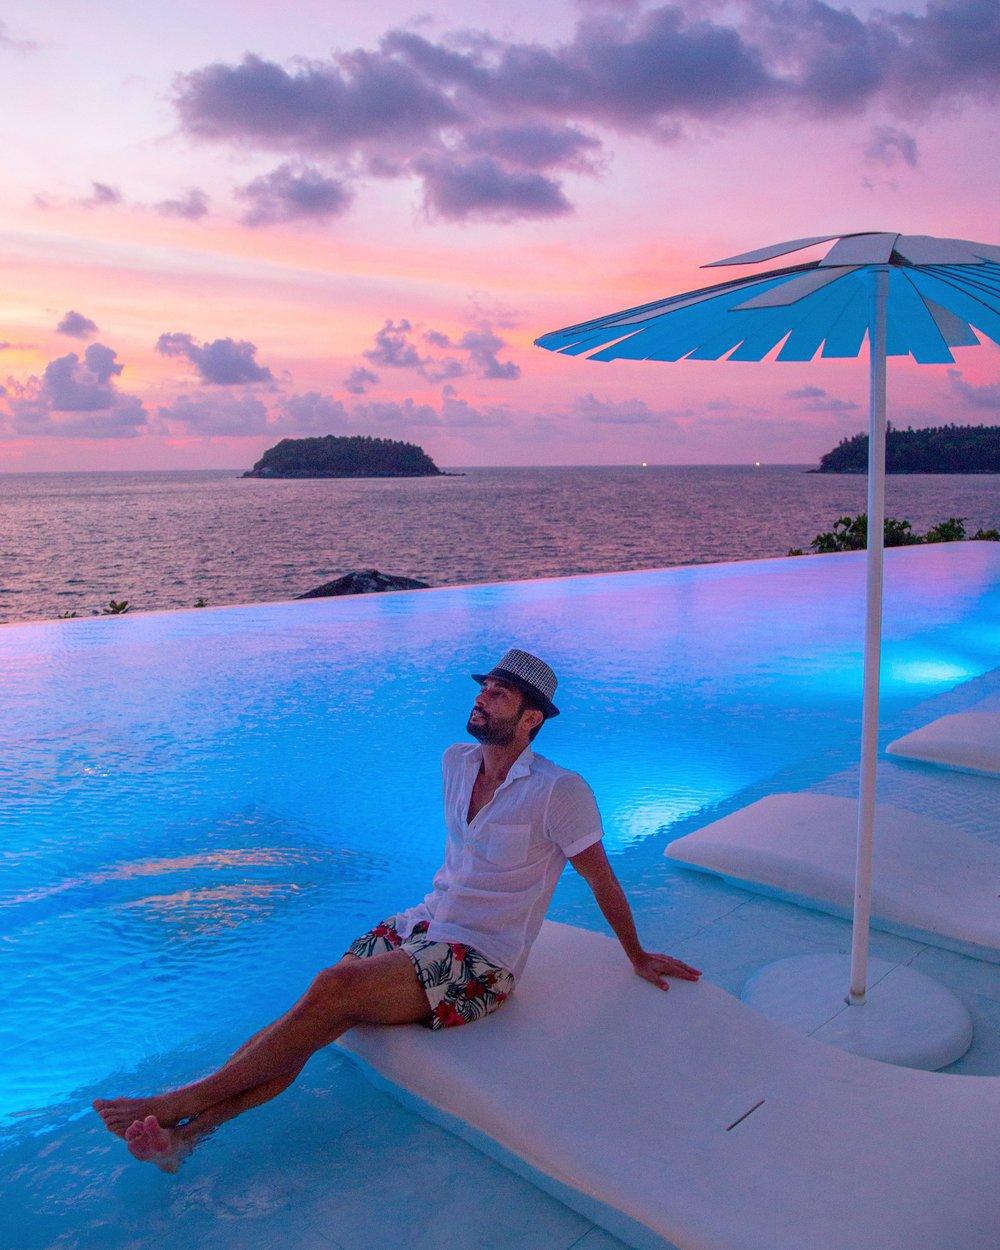 A piscina do Kata Rocks em Phuket é um dos pontos positivos desse hotel super premiado.  O restaurante e bar ficam à beira da piscina. Vale a pena jantar e assistir a esse pôr do sol mágico.